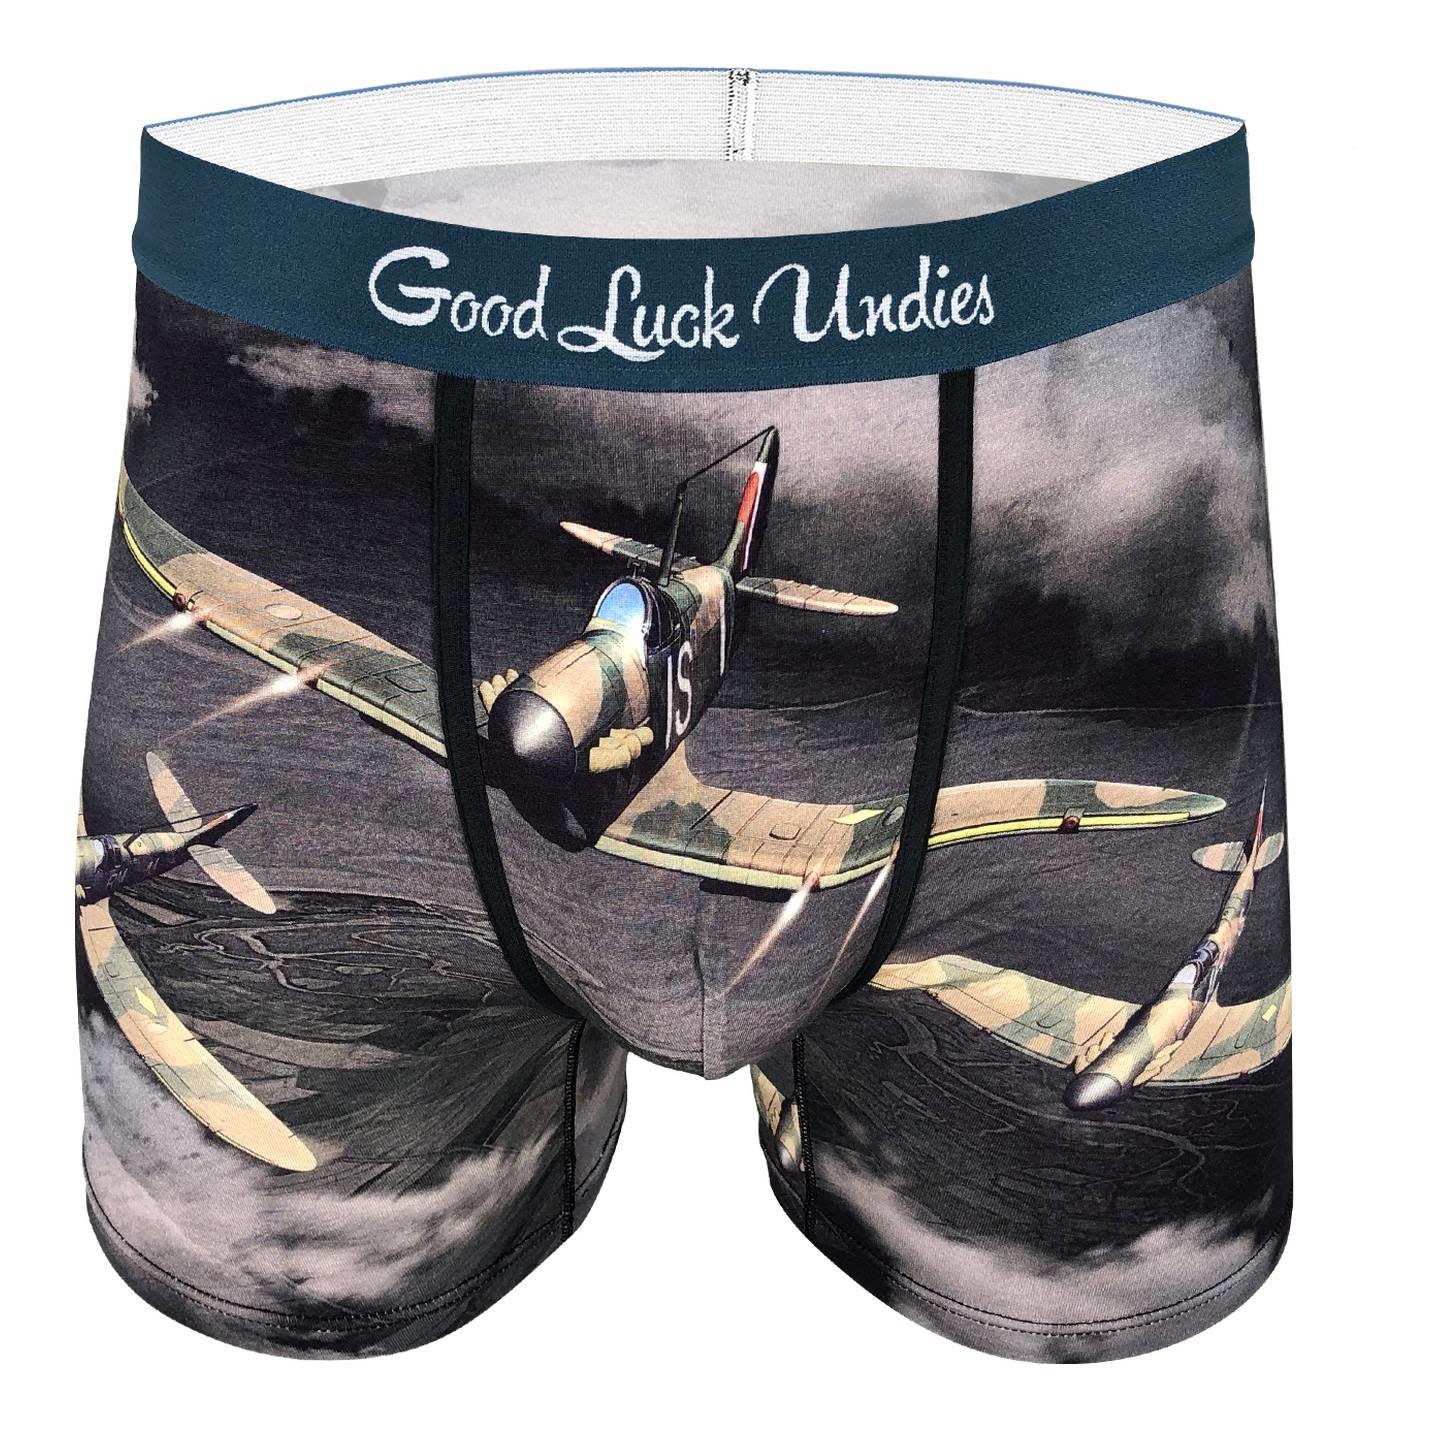 Good Luck Undies Good Luck Undies Super Marine Spitfire